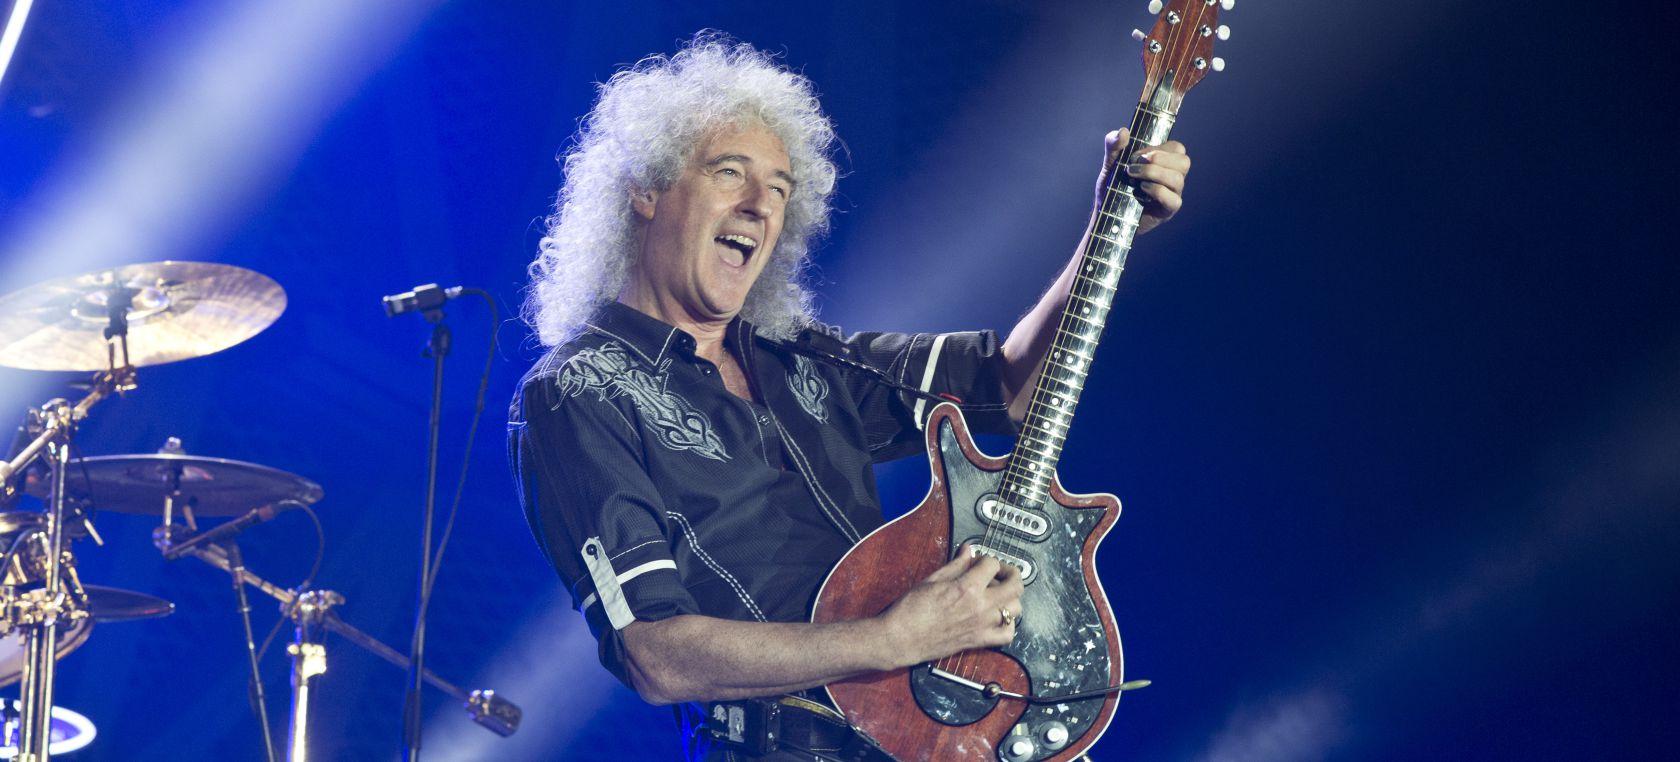 Este es el solo de guitarra favorito de Brian May, y no es de Queen